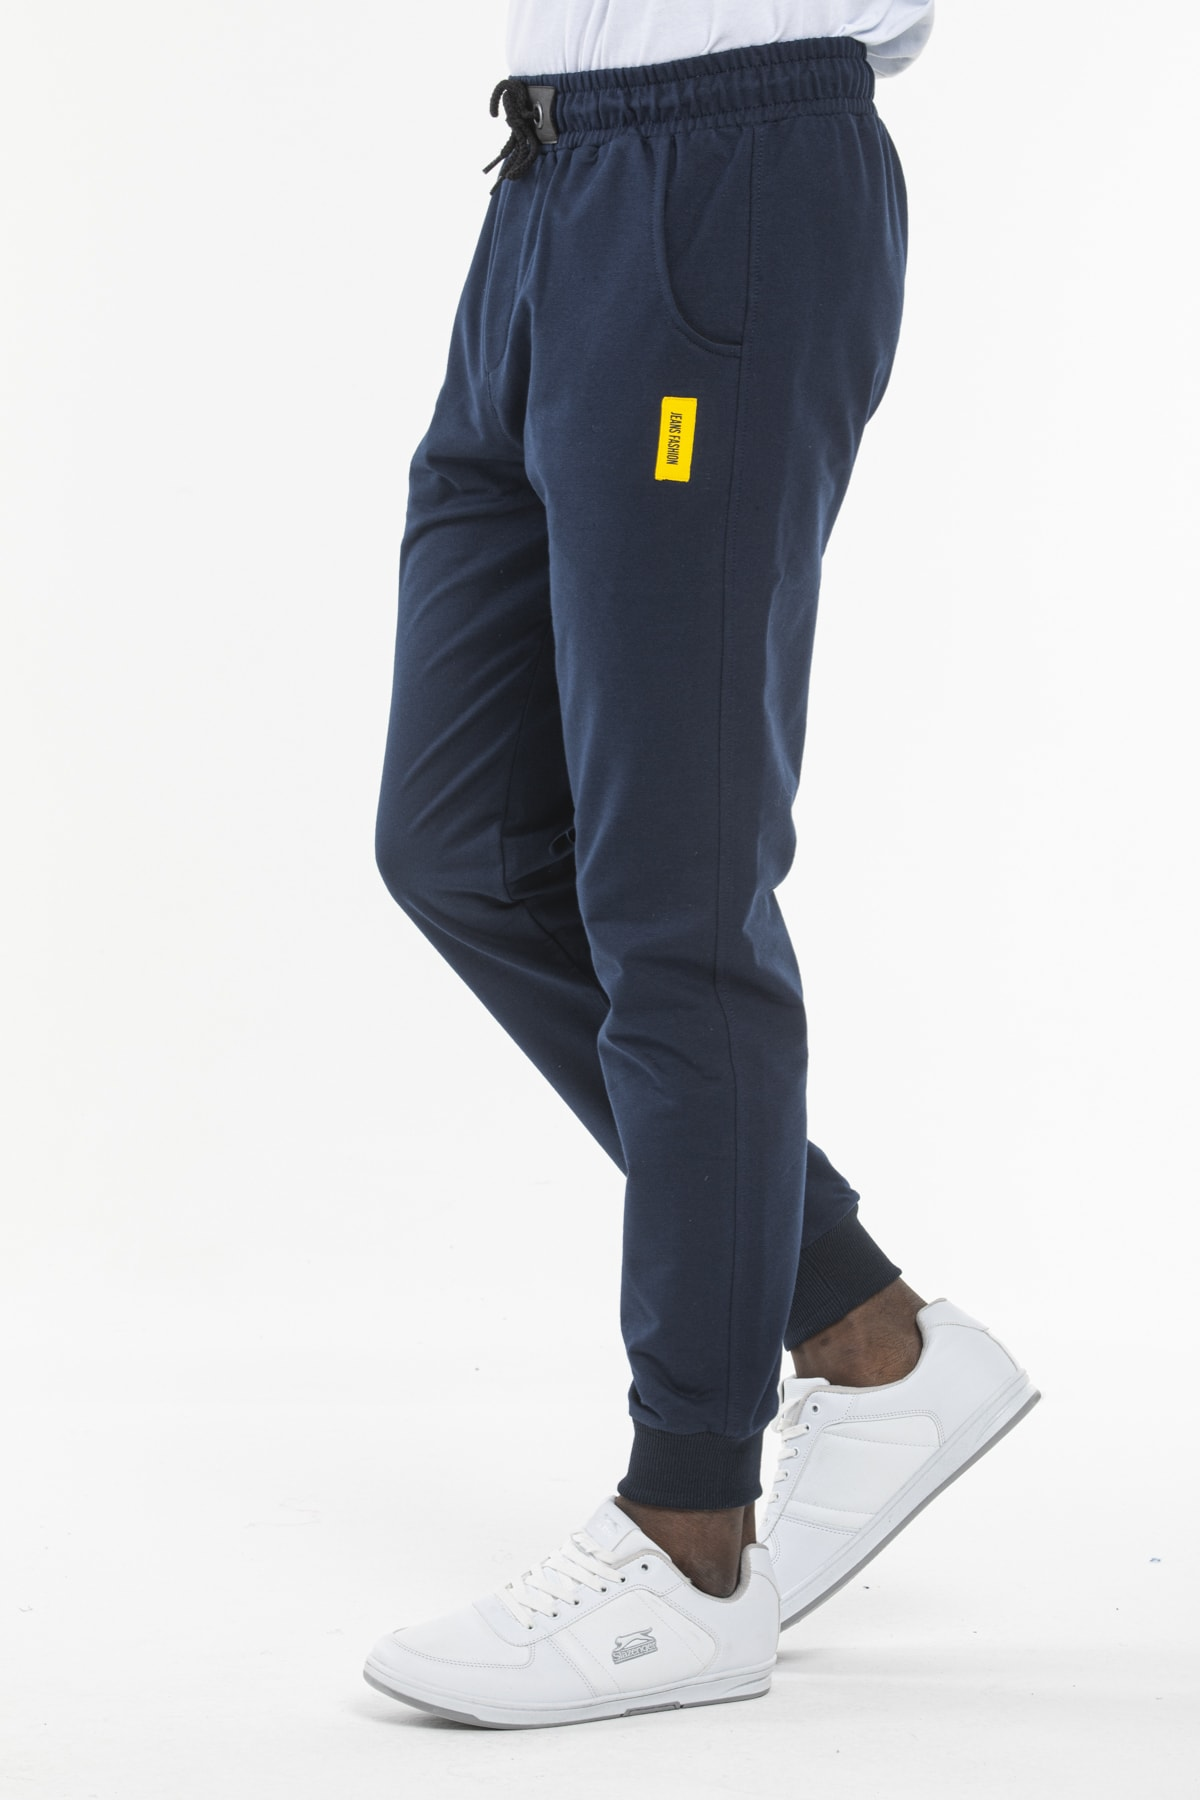 Erkek parlement mavisi şık günlük eşofman altı jeans fashion